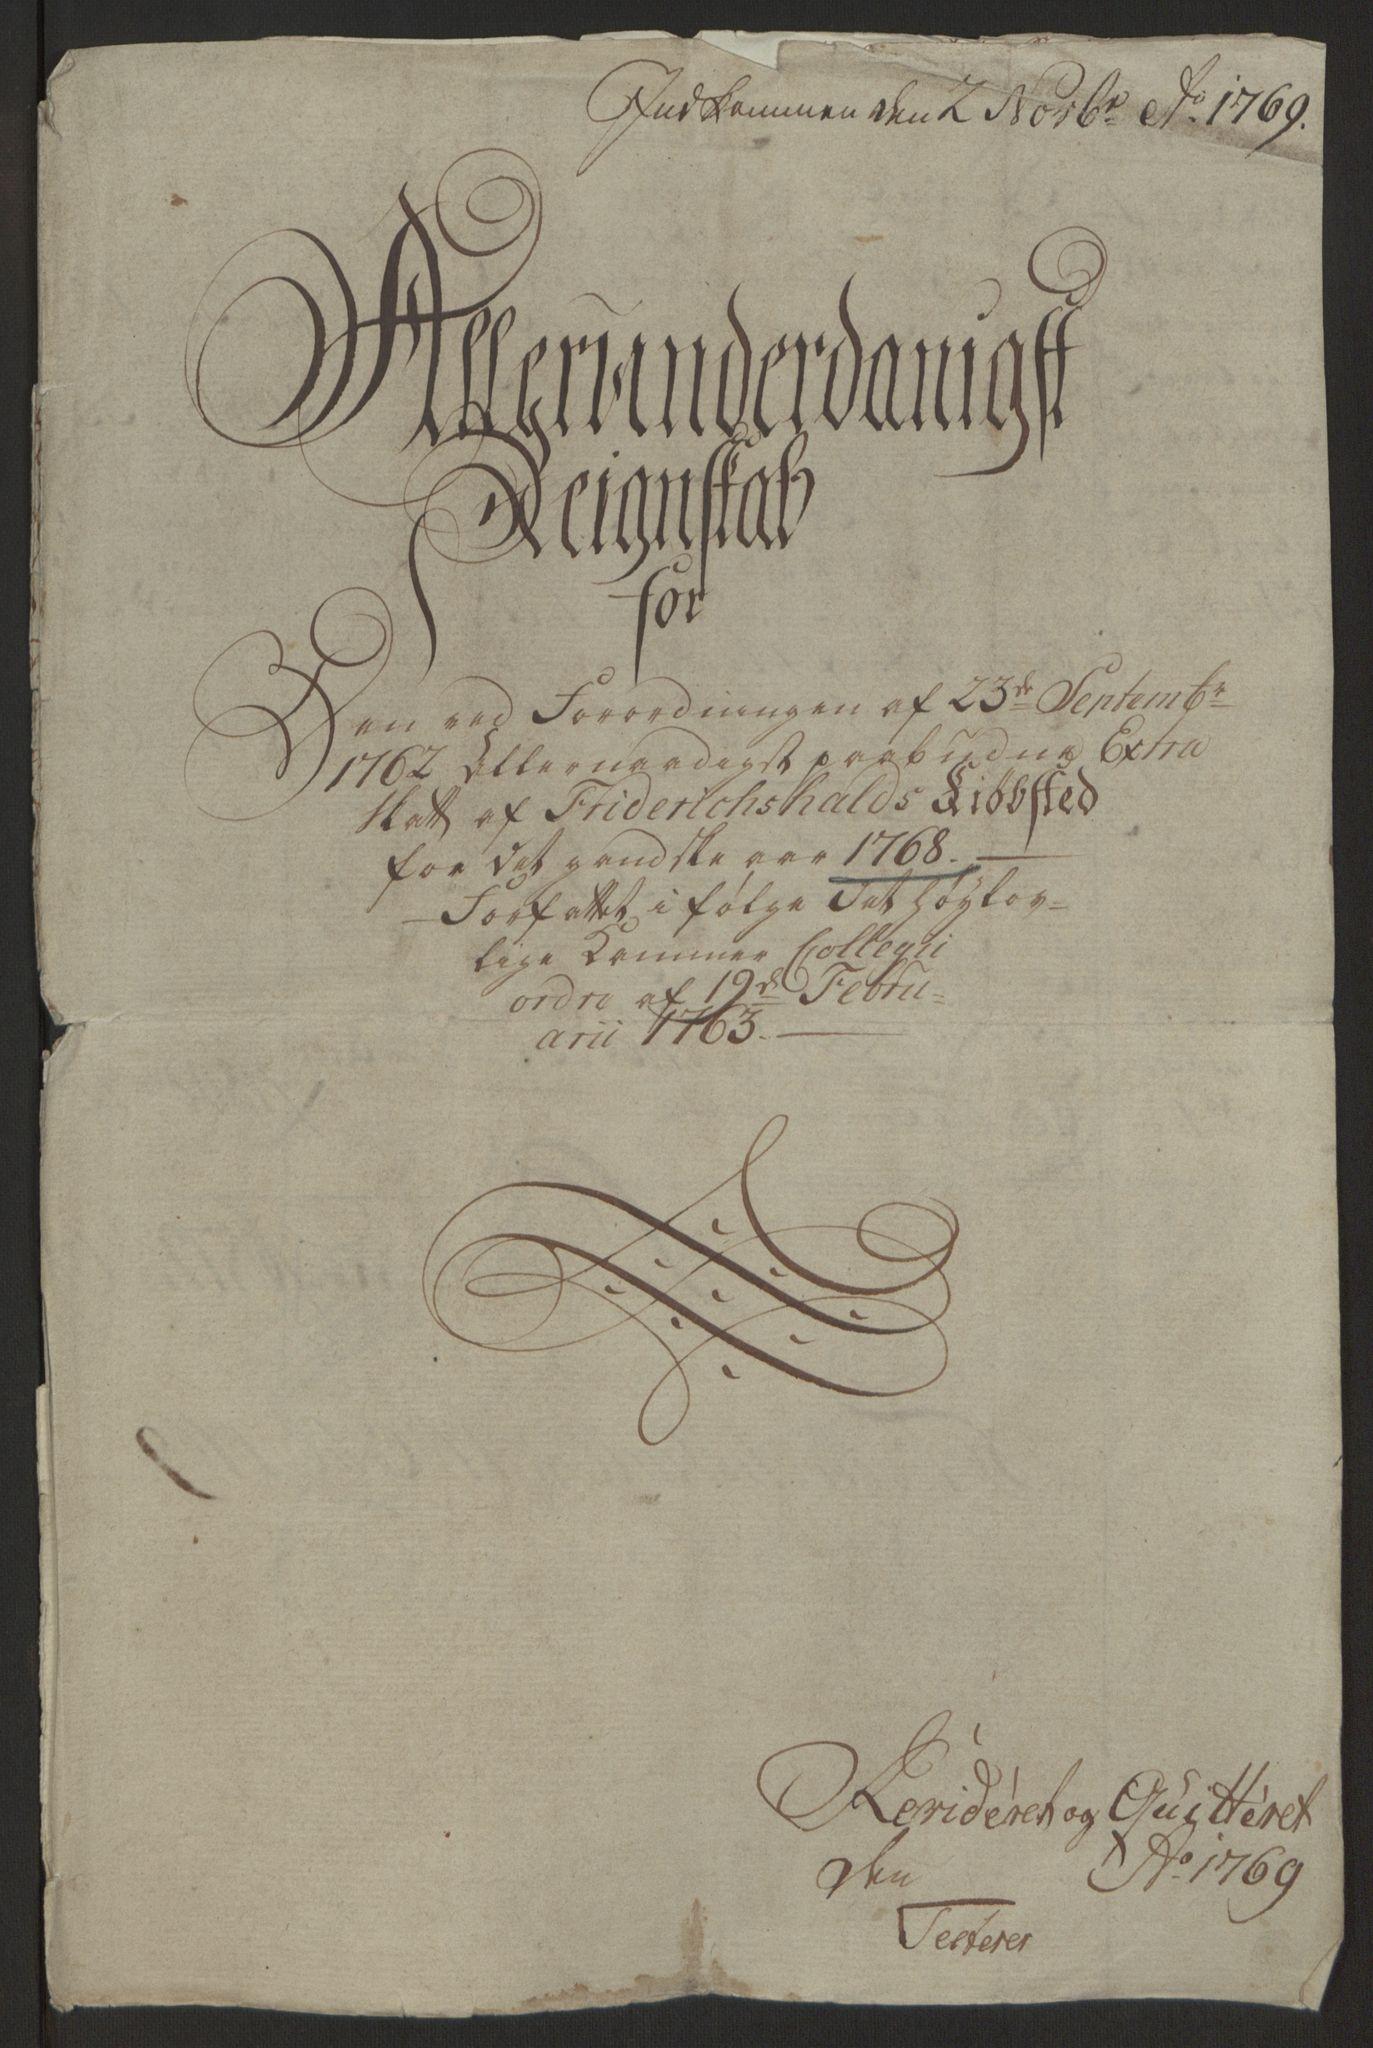 RA, Rentekammeret inntil 1814, Reviderte regnskaper, Byregnskaper, R/Ra/L0006: [A4] Kontribusjonsregnskap, 1762-1772, s. 144